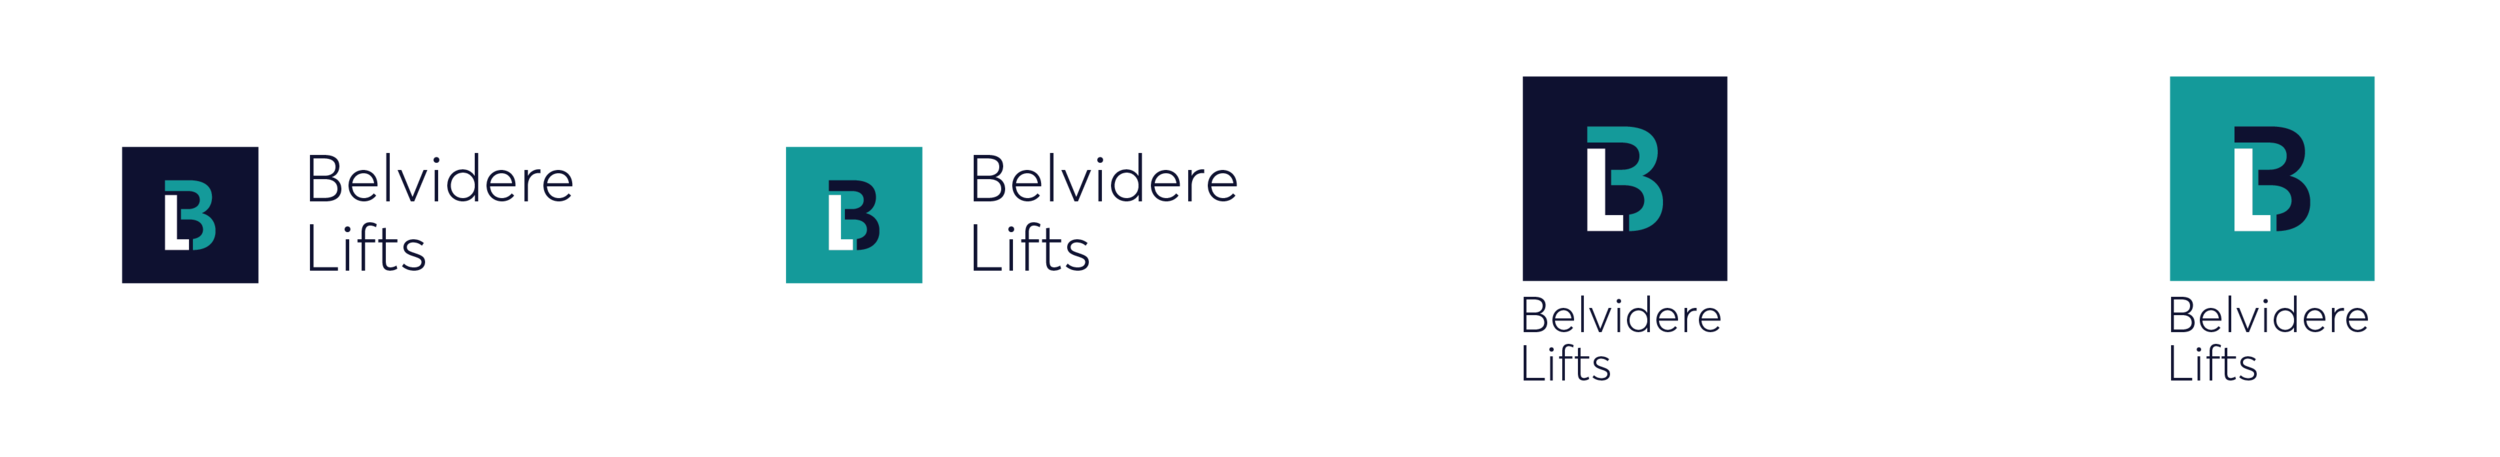 belvidere_branding_final--26.png